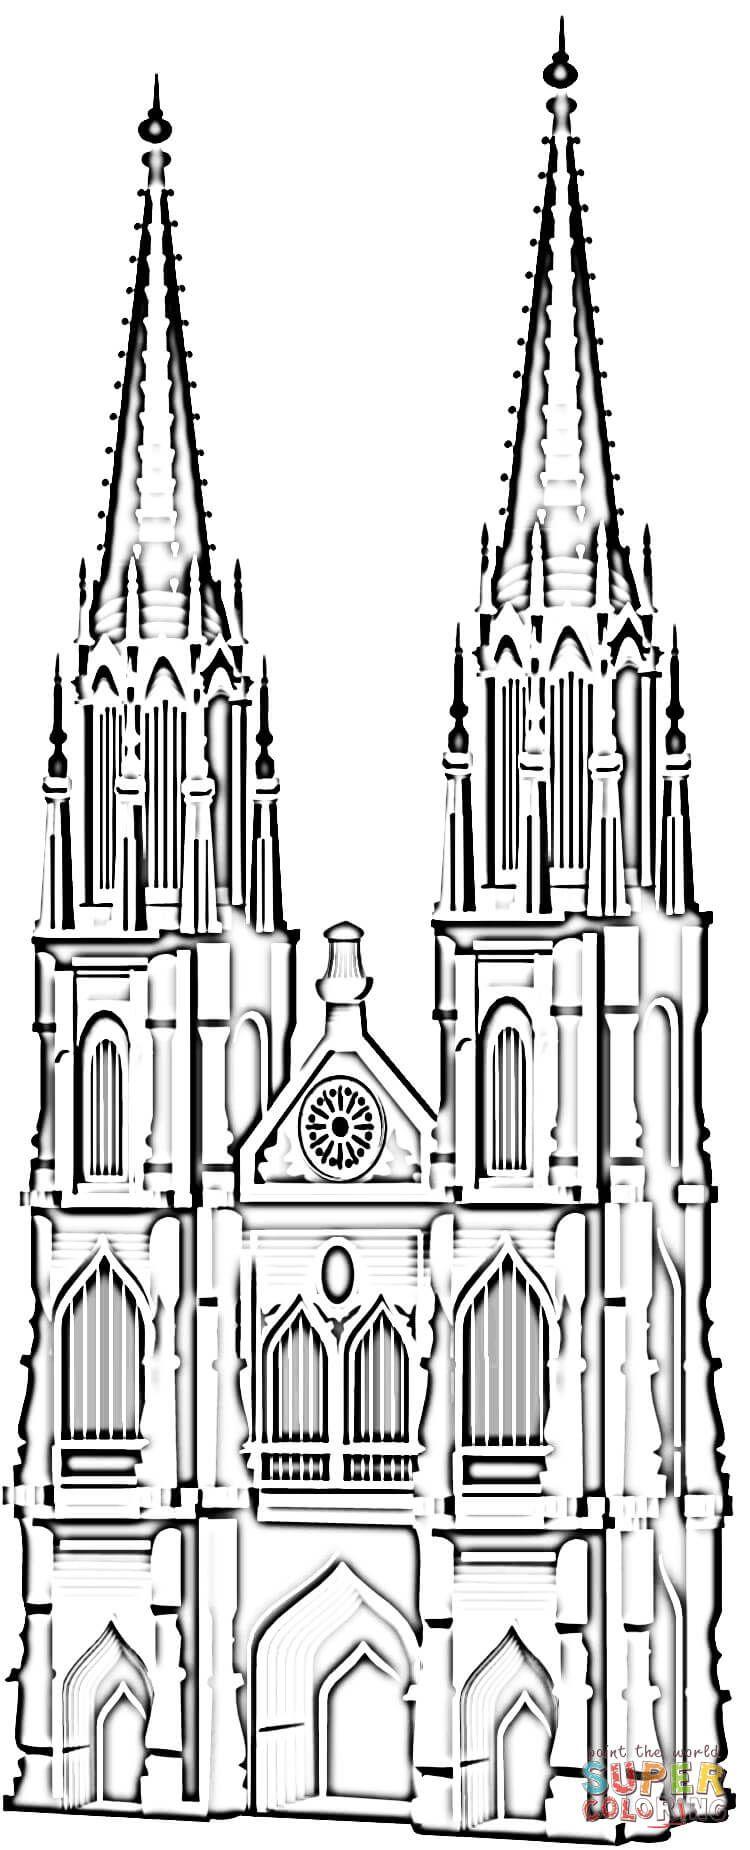 Kirche Zeichnen